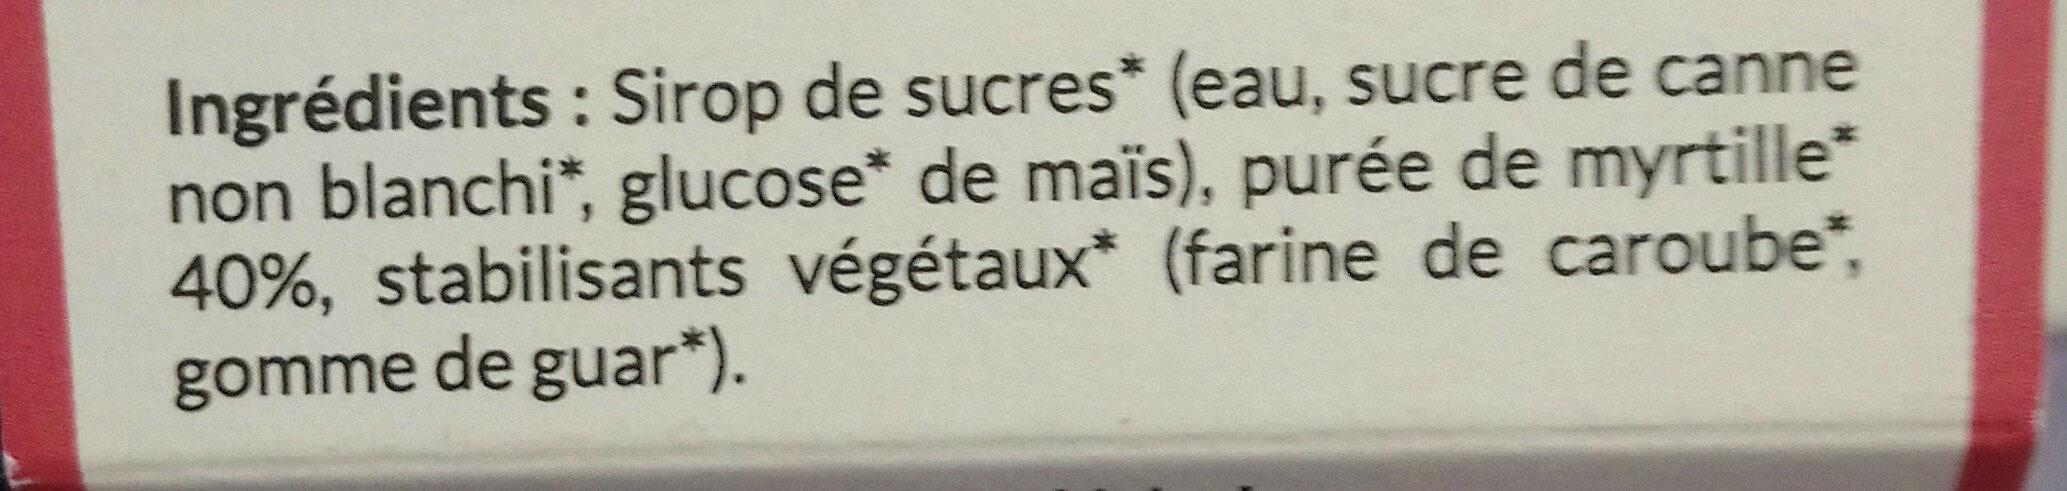 Sorbet myrtille plein fruit - Ingrédients - fr